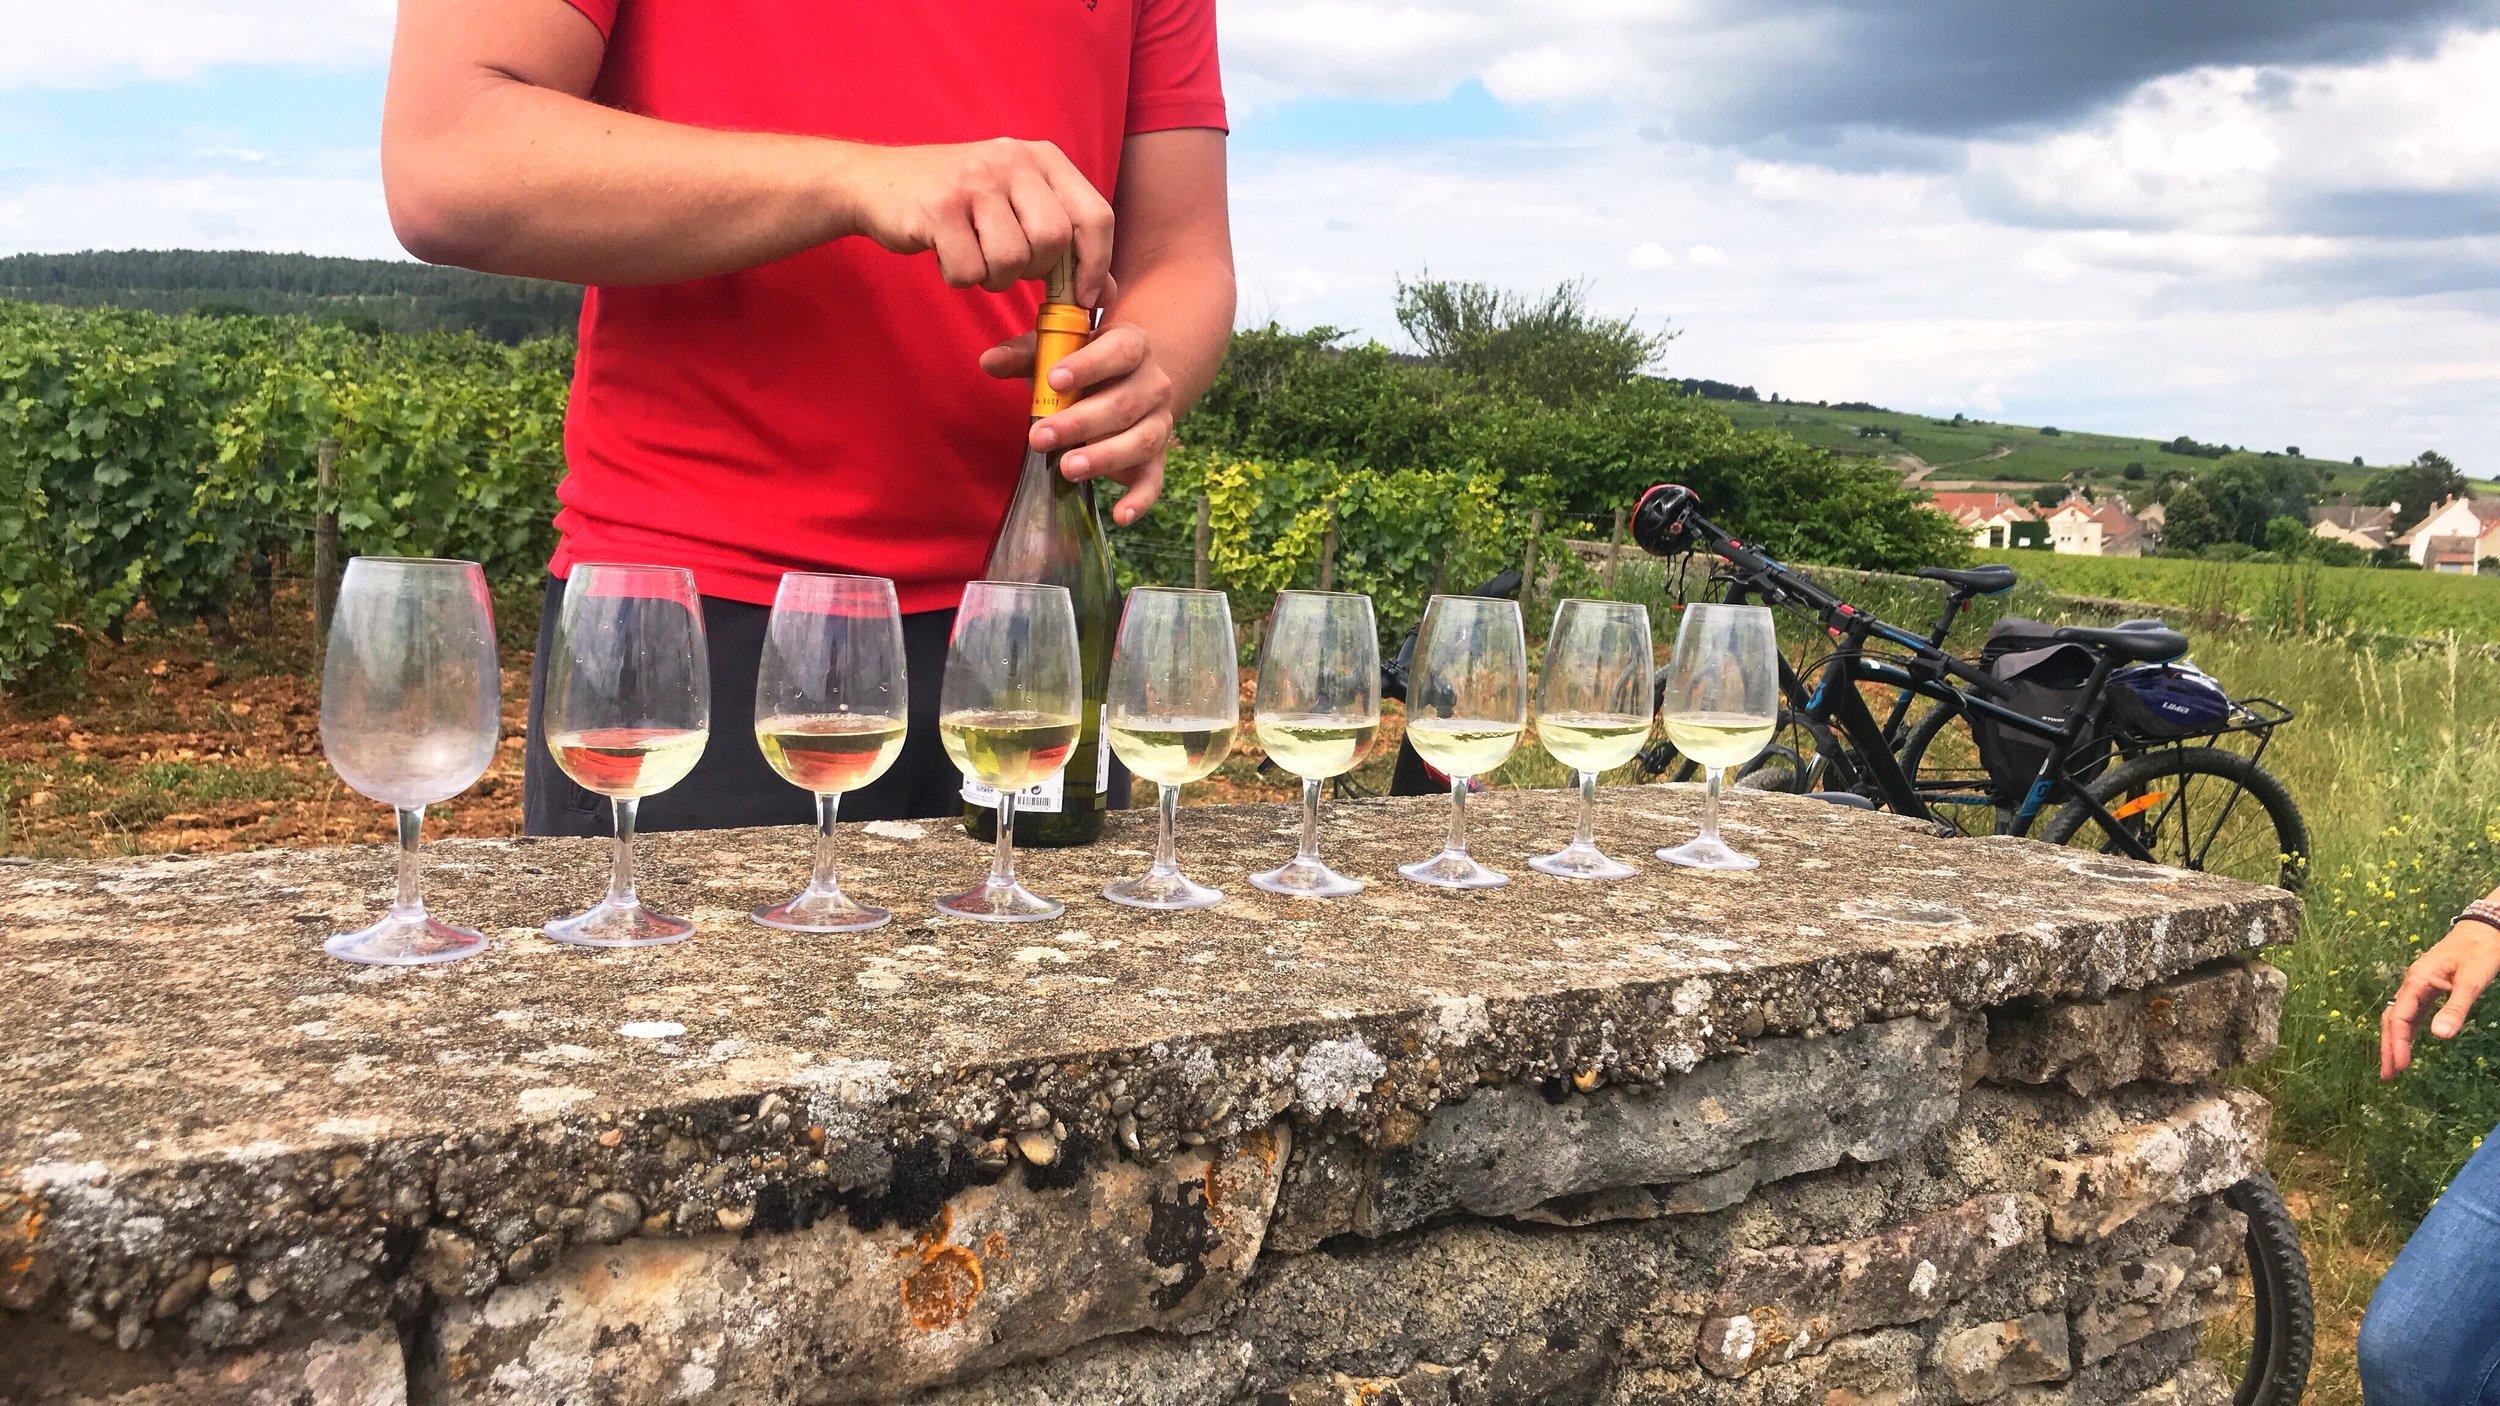 winetastingburgundy